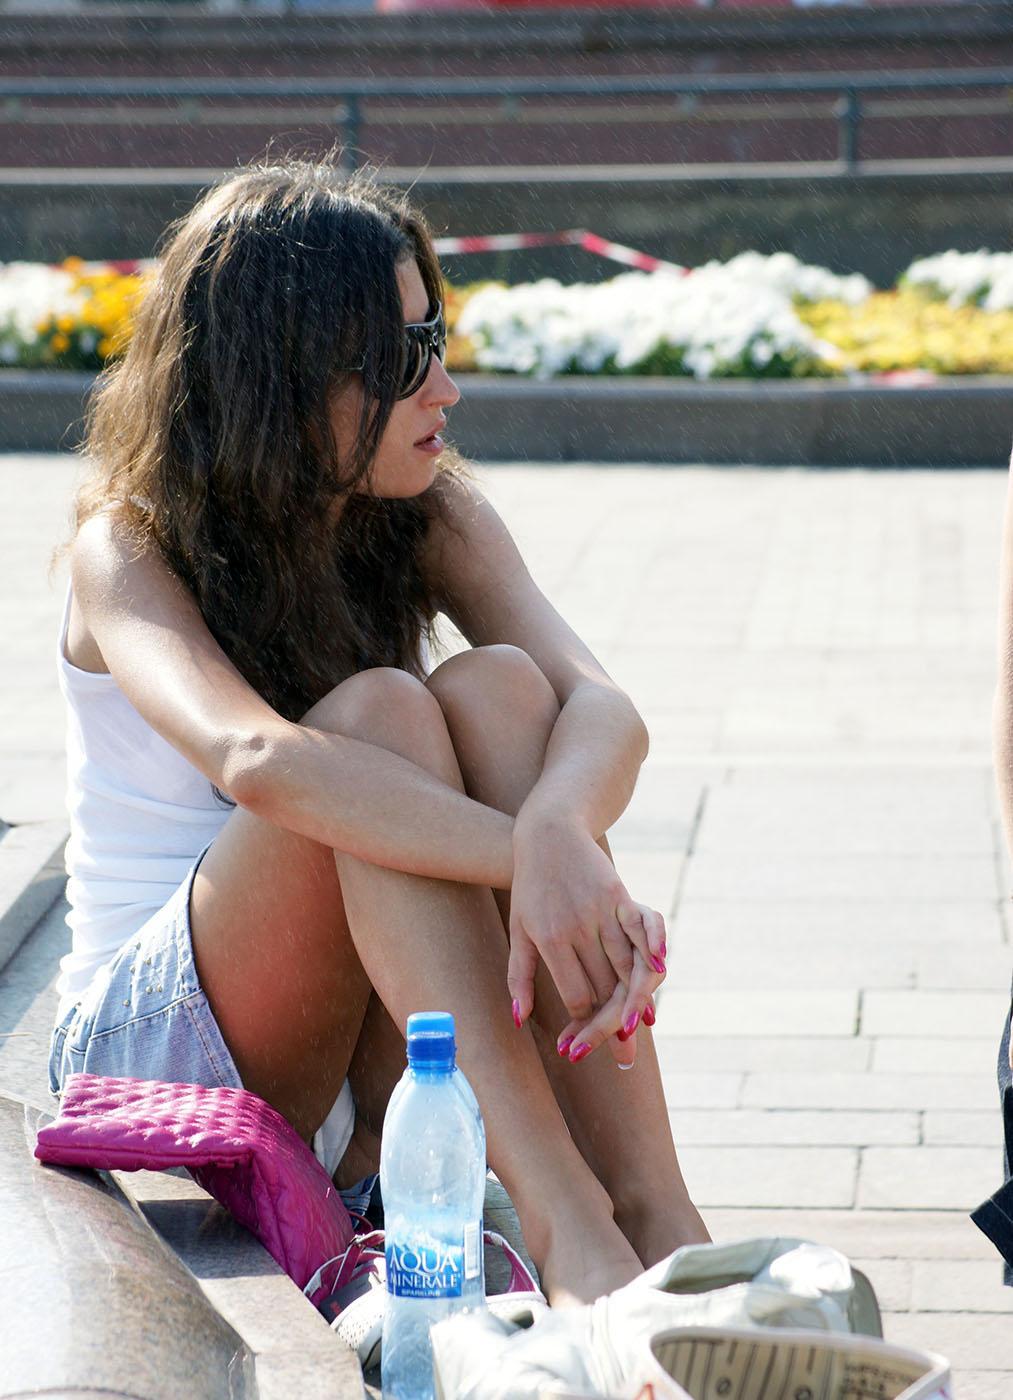 Девушка в джинсовой мини-юбке засветила трусики у фонтана